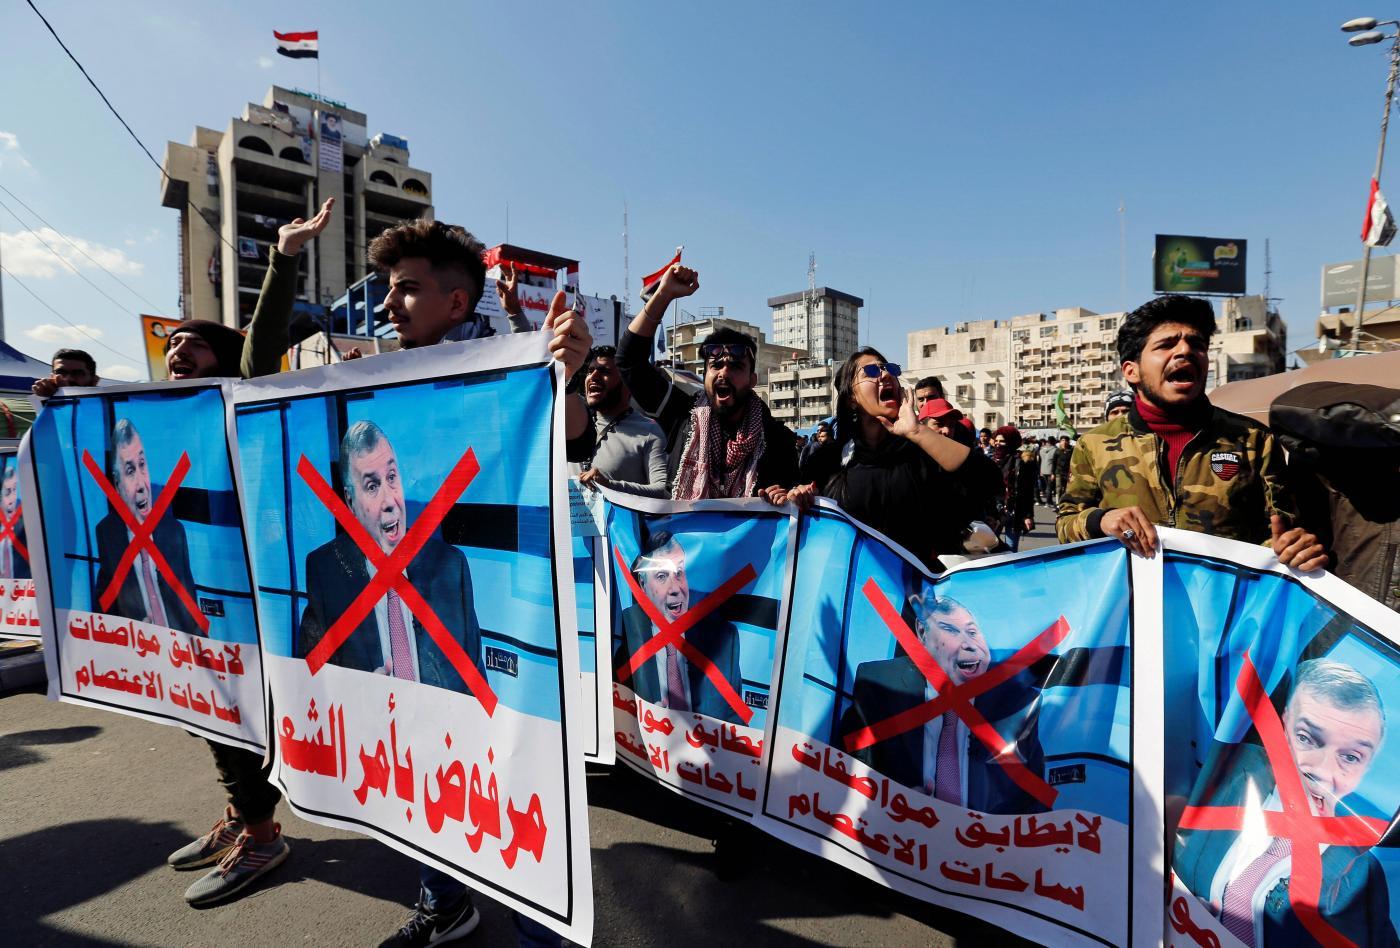 Irak: Göstericiler Muhammet Tevfik Allavi'ye hükümet kurma görevinin verilmesini protesto etti